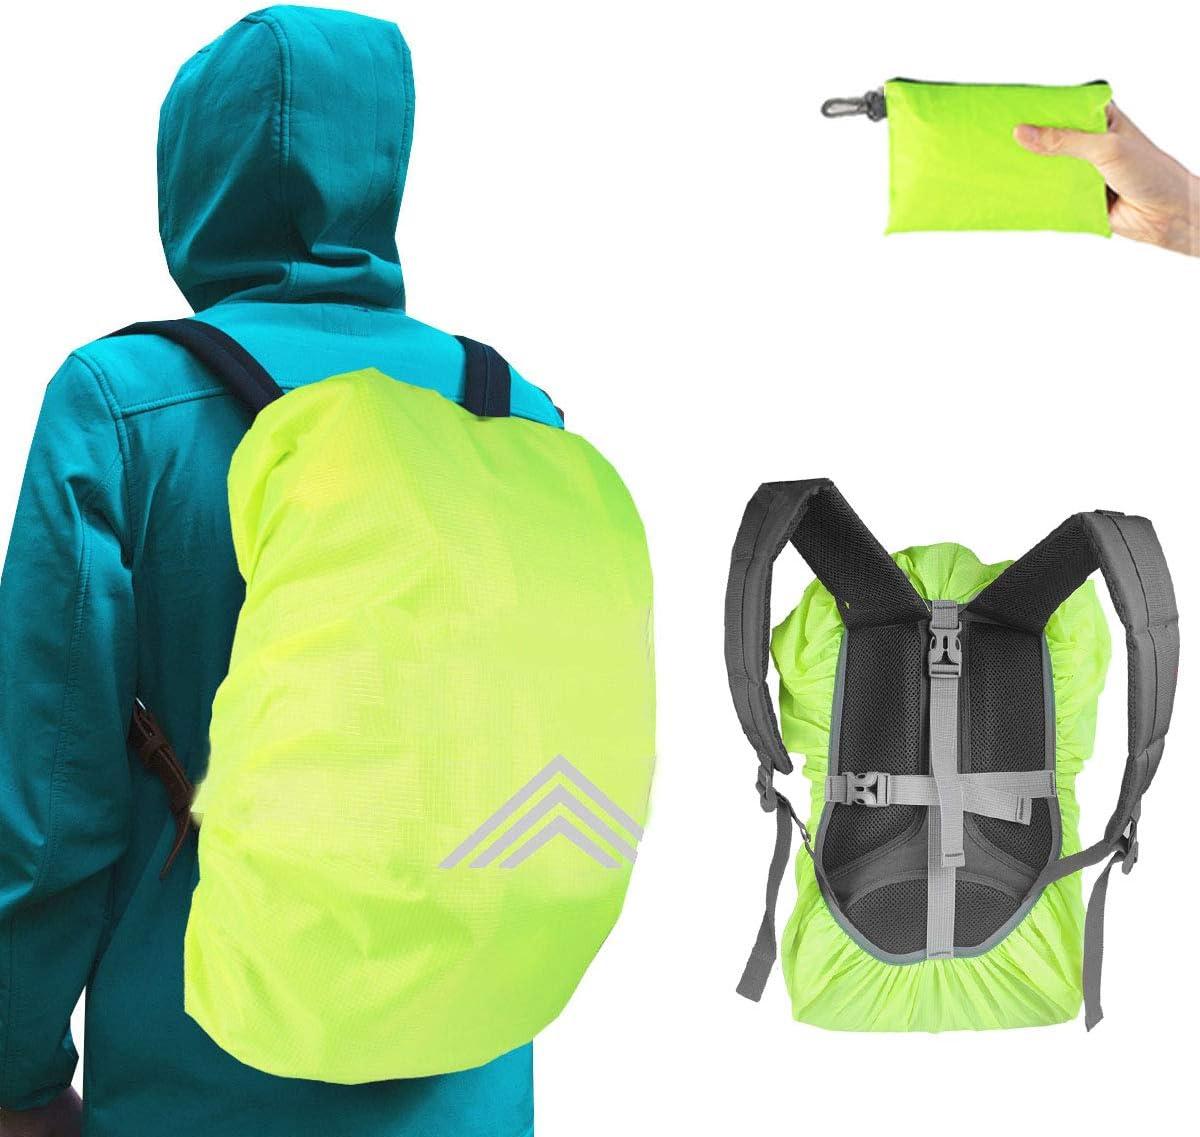 Frelaxy ciclismo Funda impermeable para mochilas 15-90 L camping con reflectores y correa en cruz antideslizante para senderismo